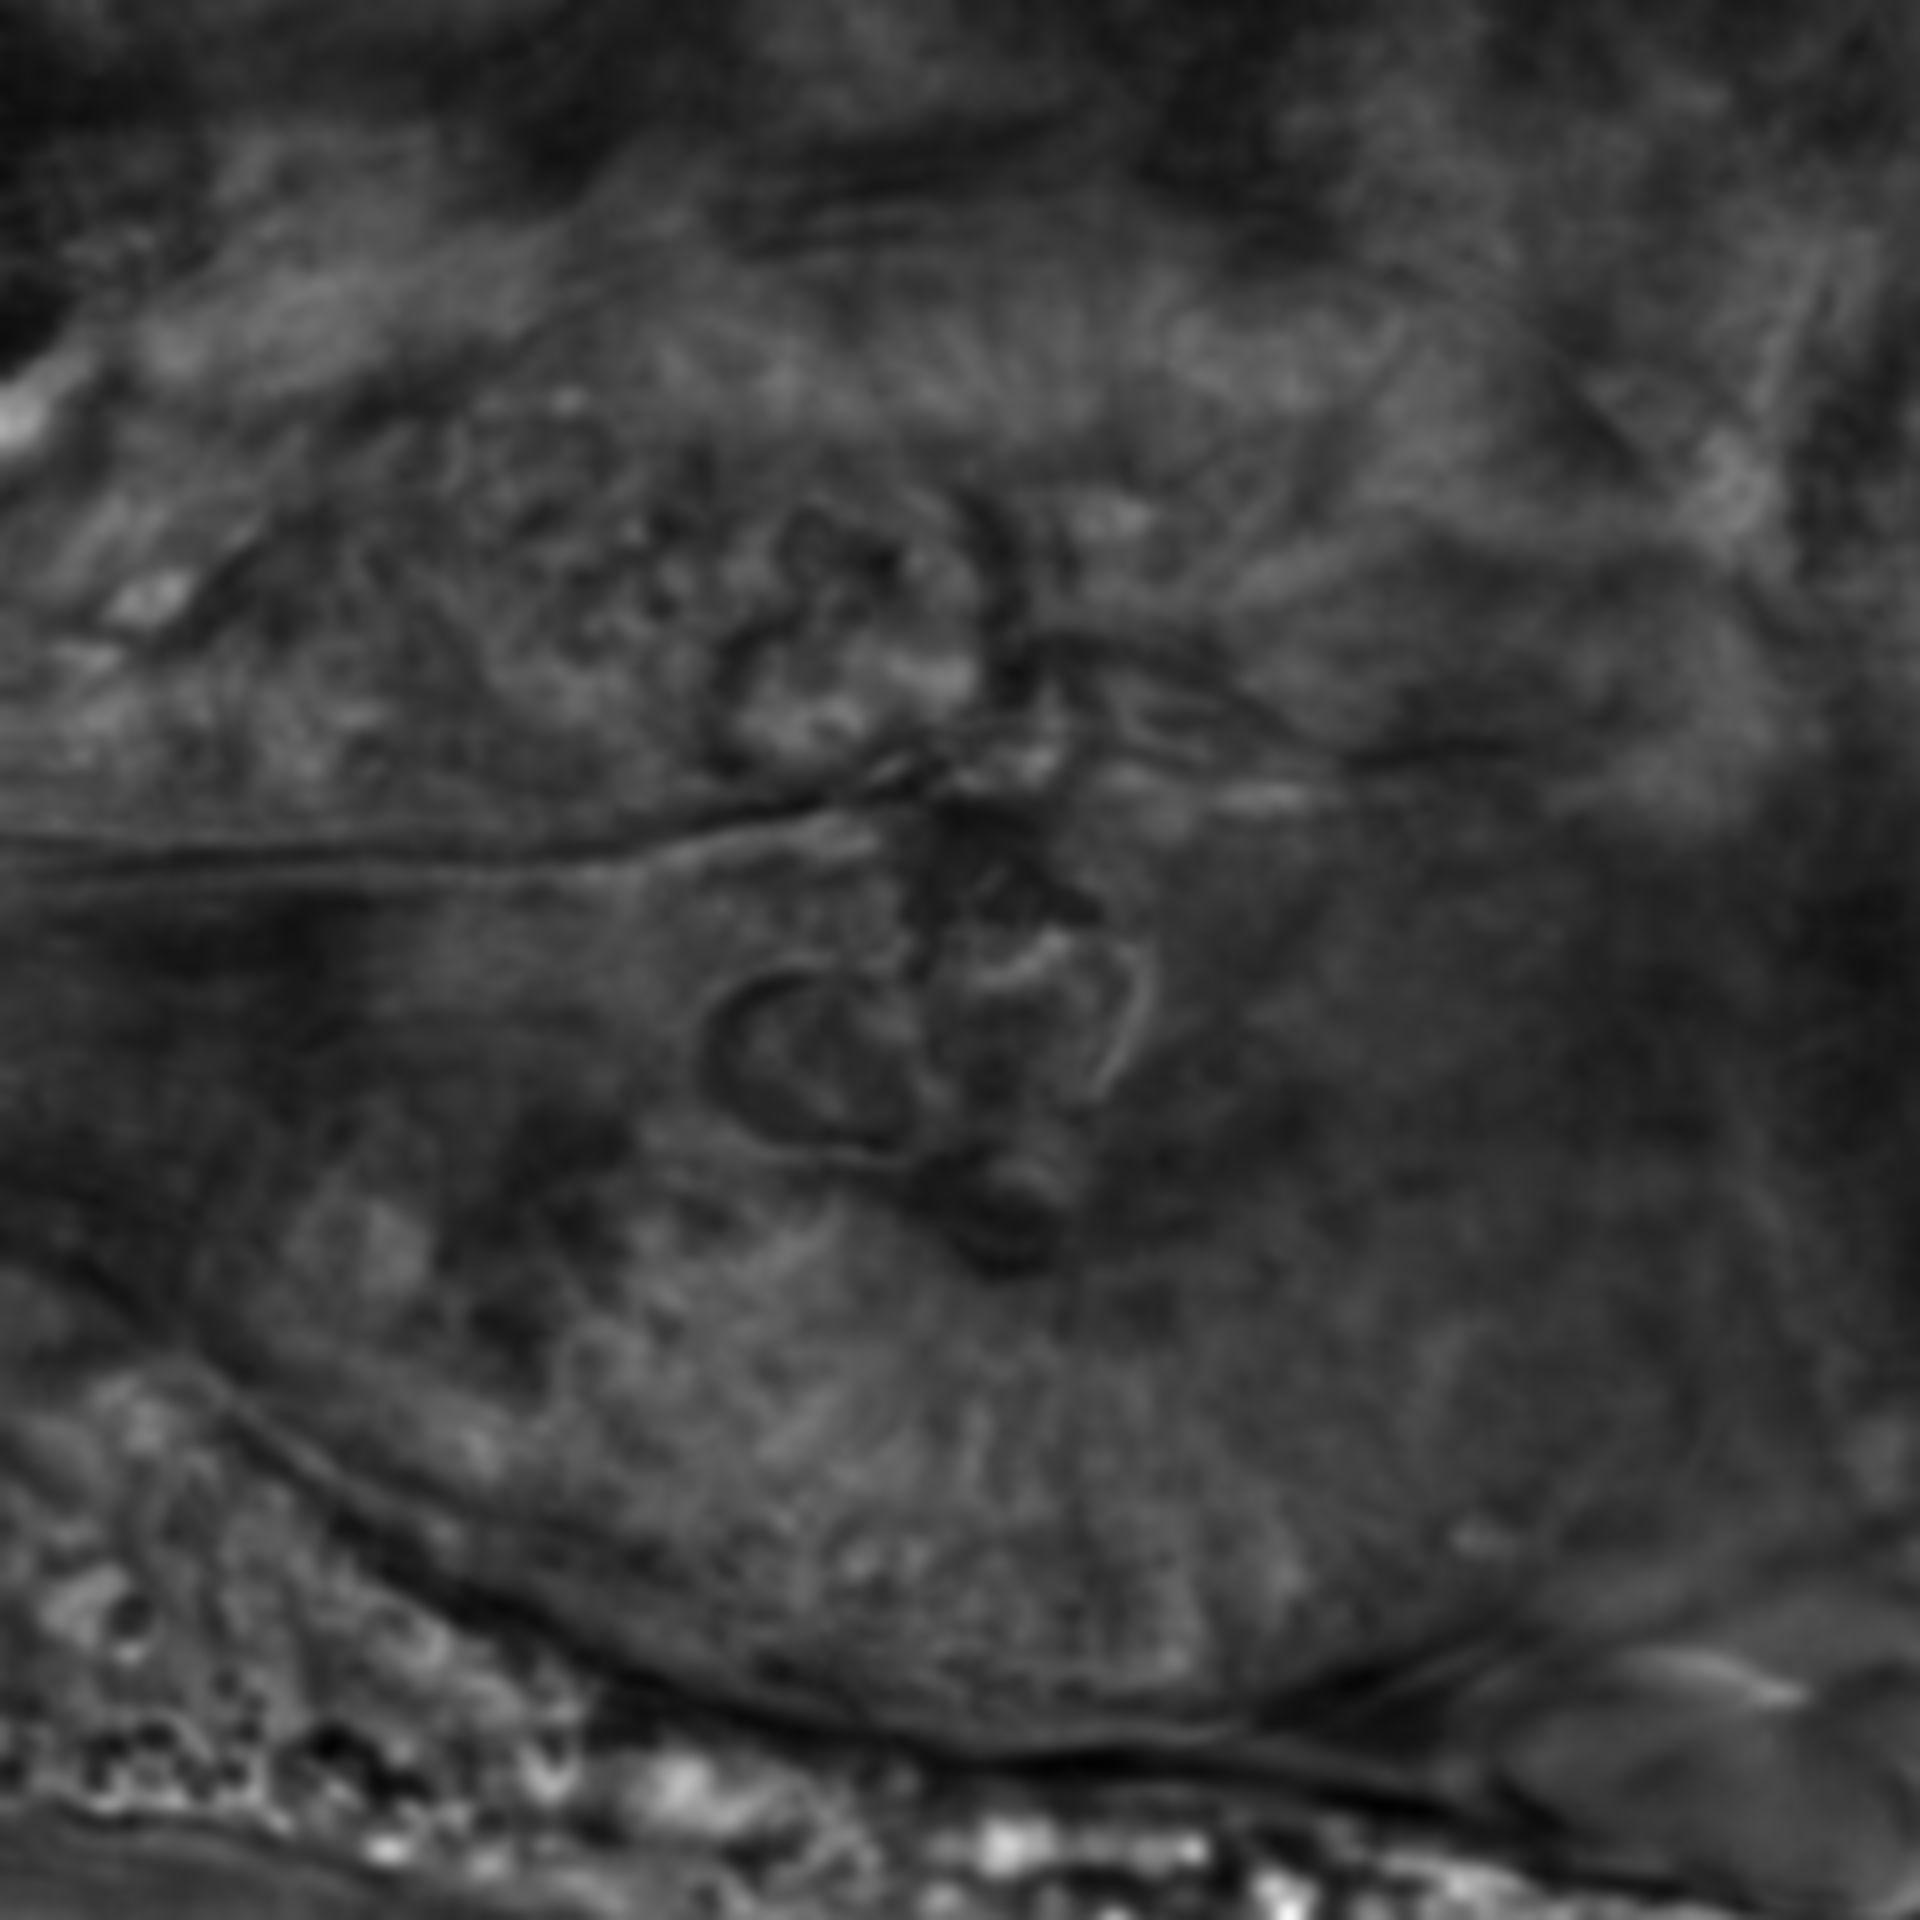 Caenorhabditis elegans - CIL:2822